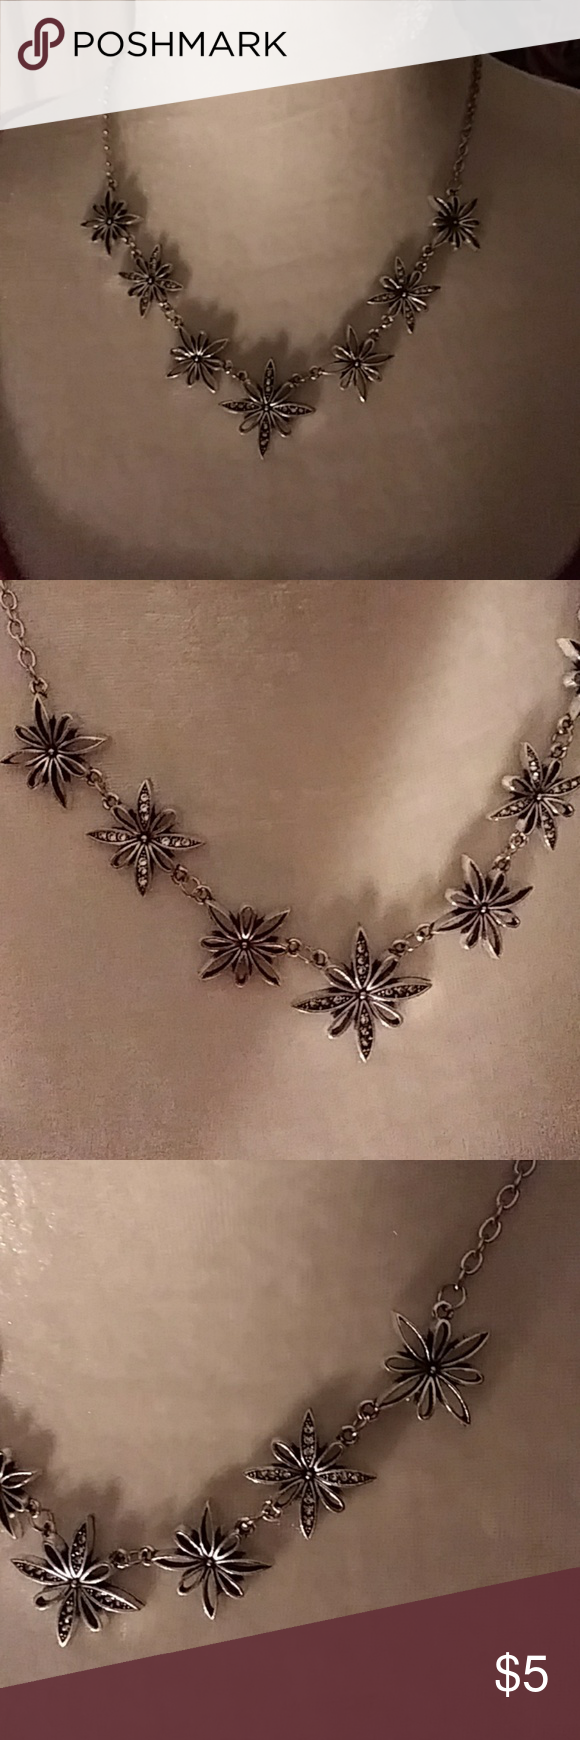 how to describe a necklace